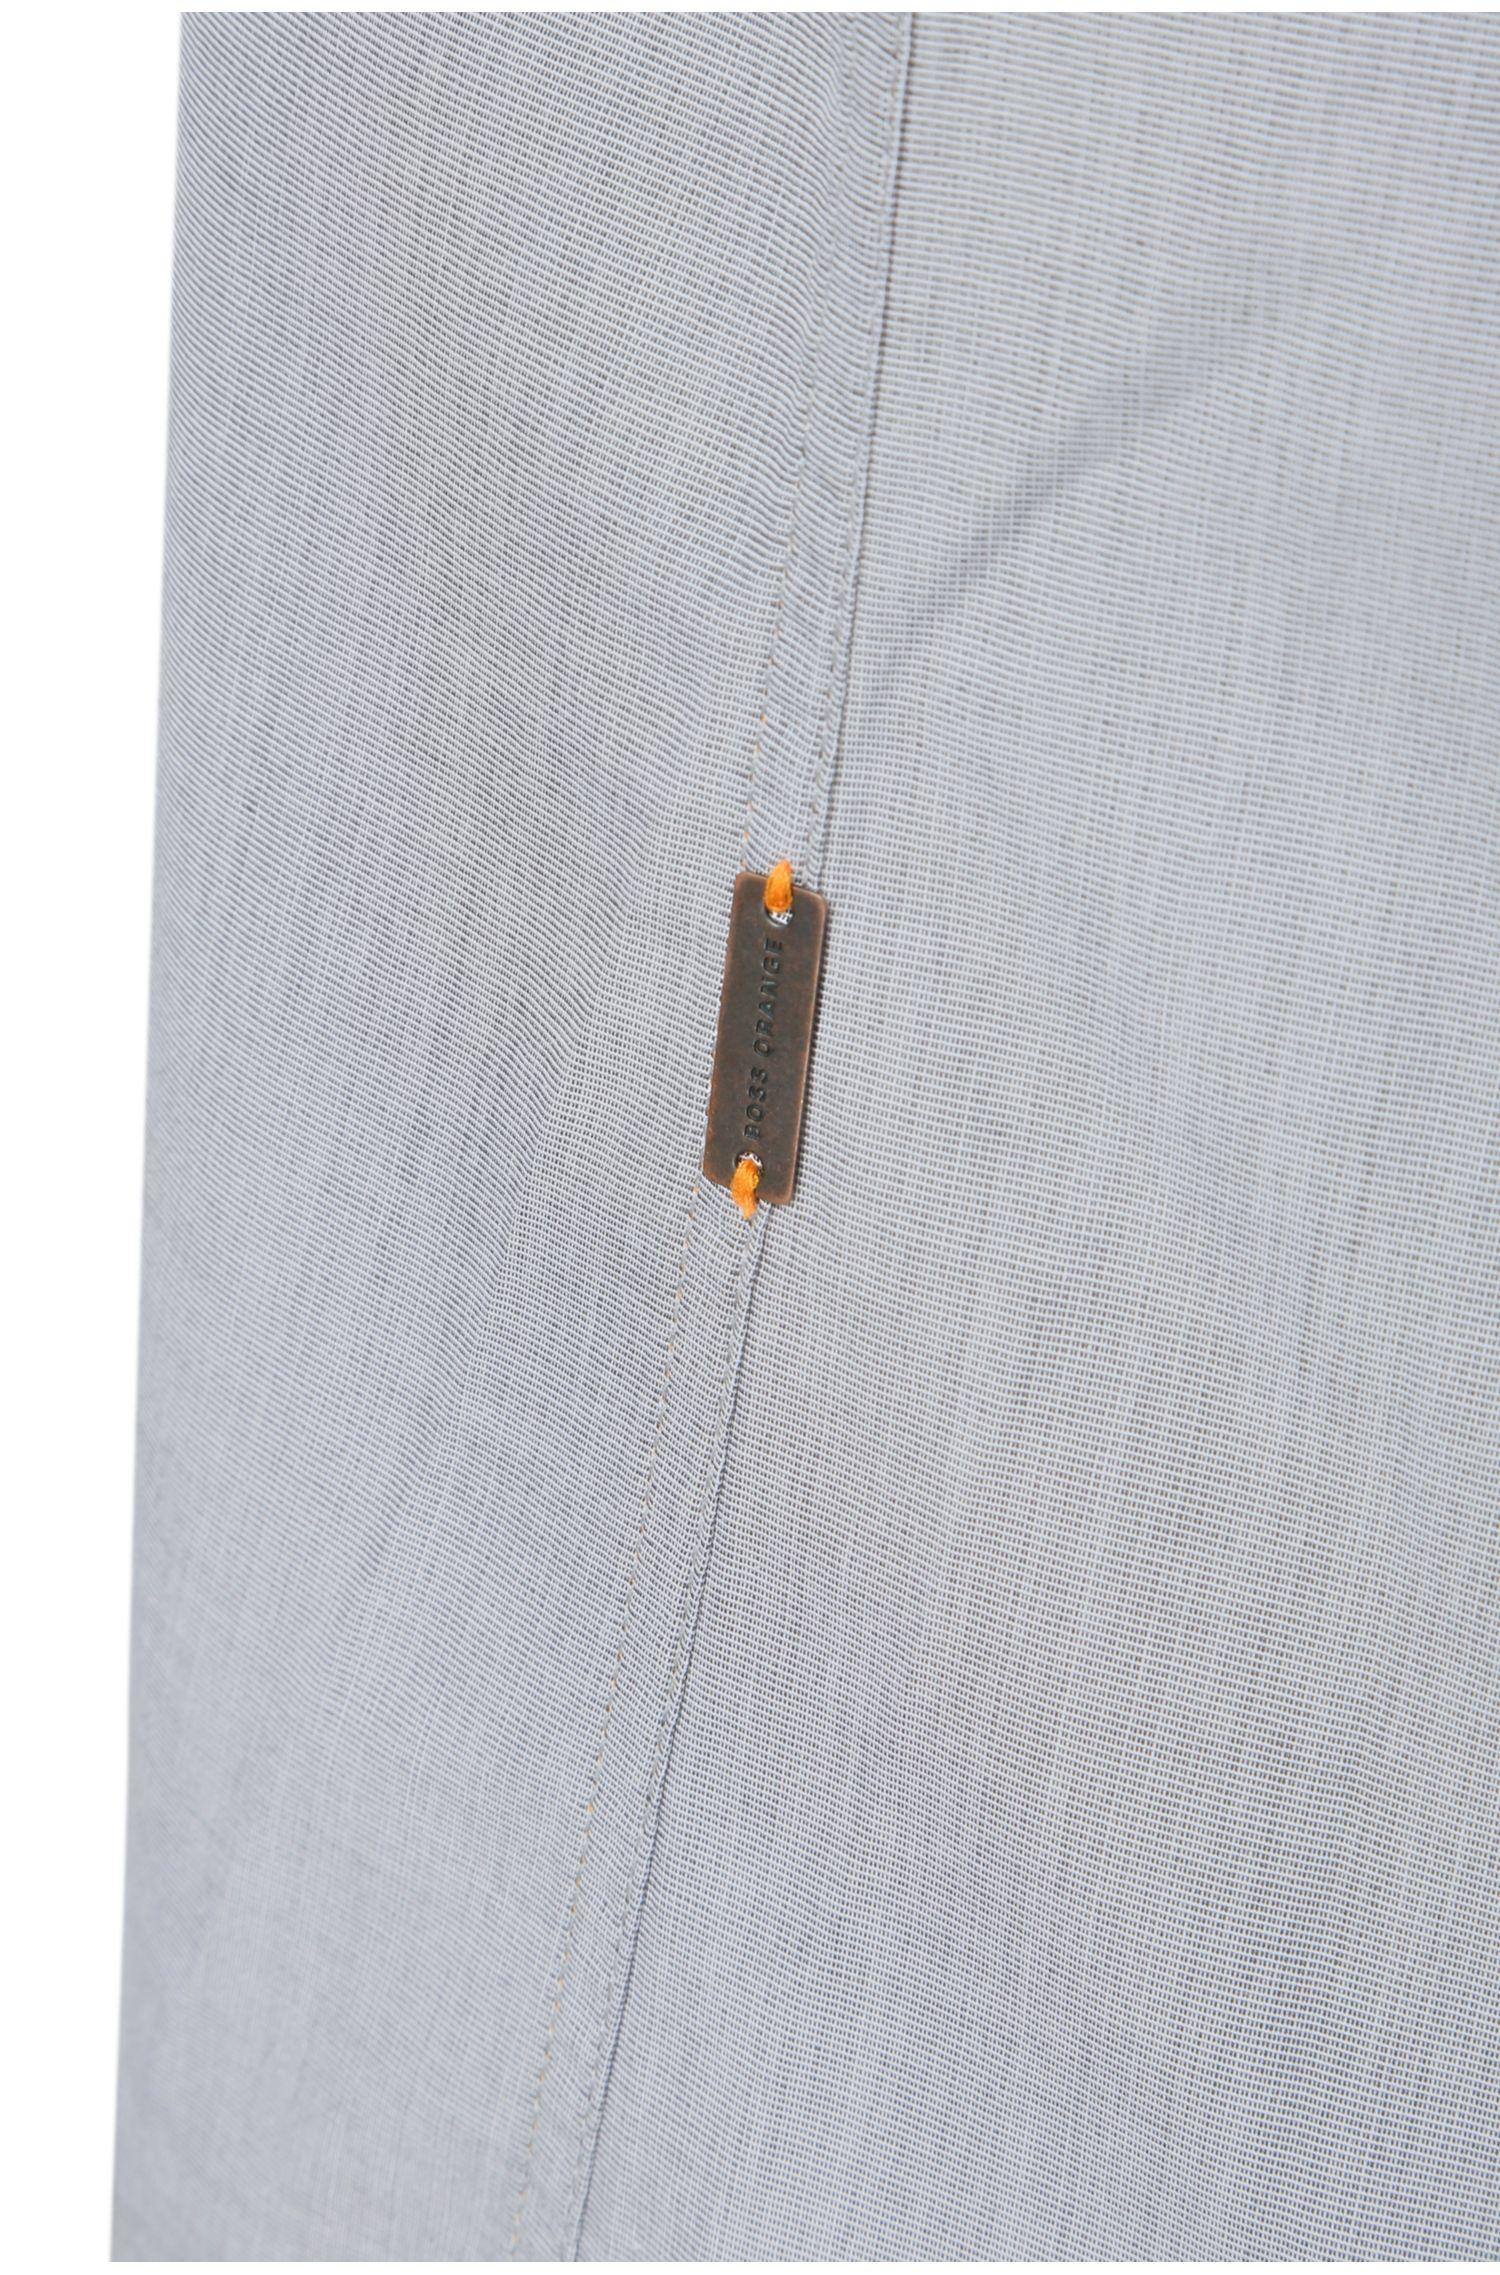 Regular-fit overhemd van gewassen katoen